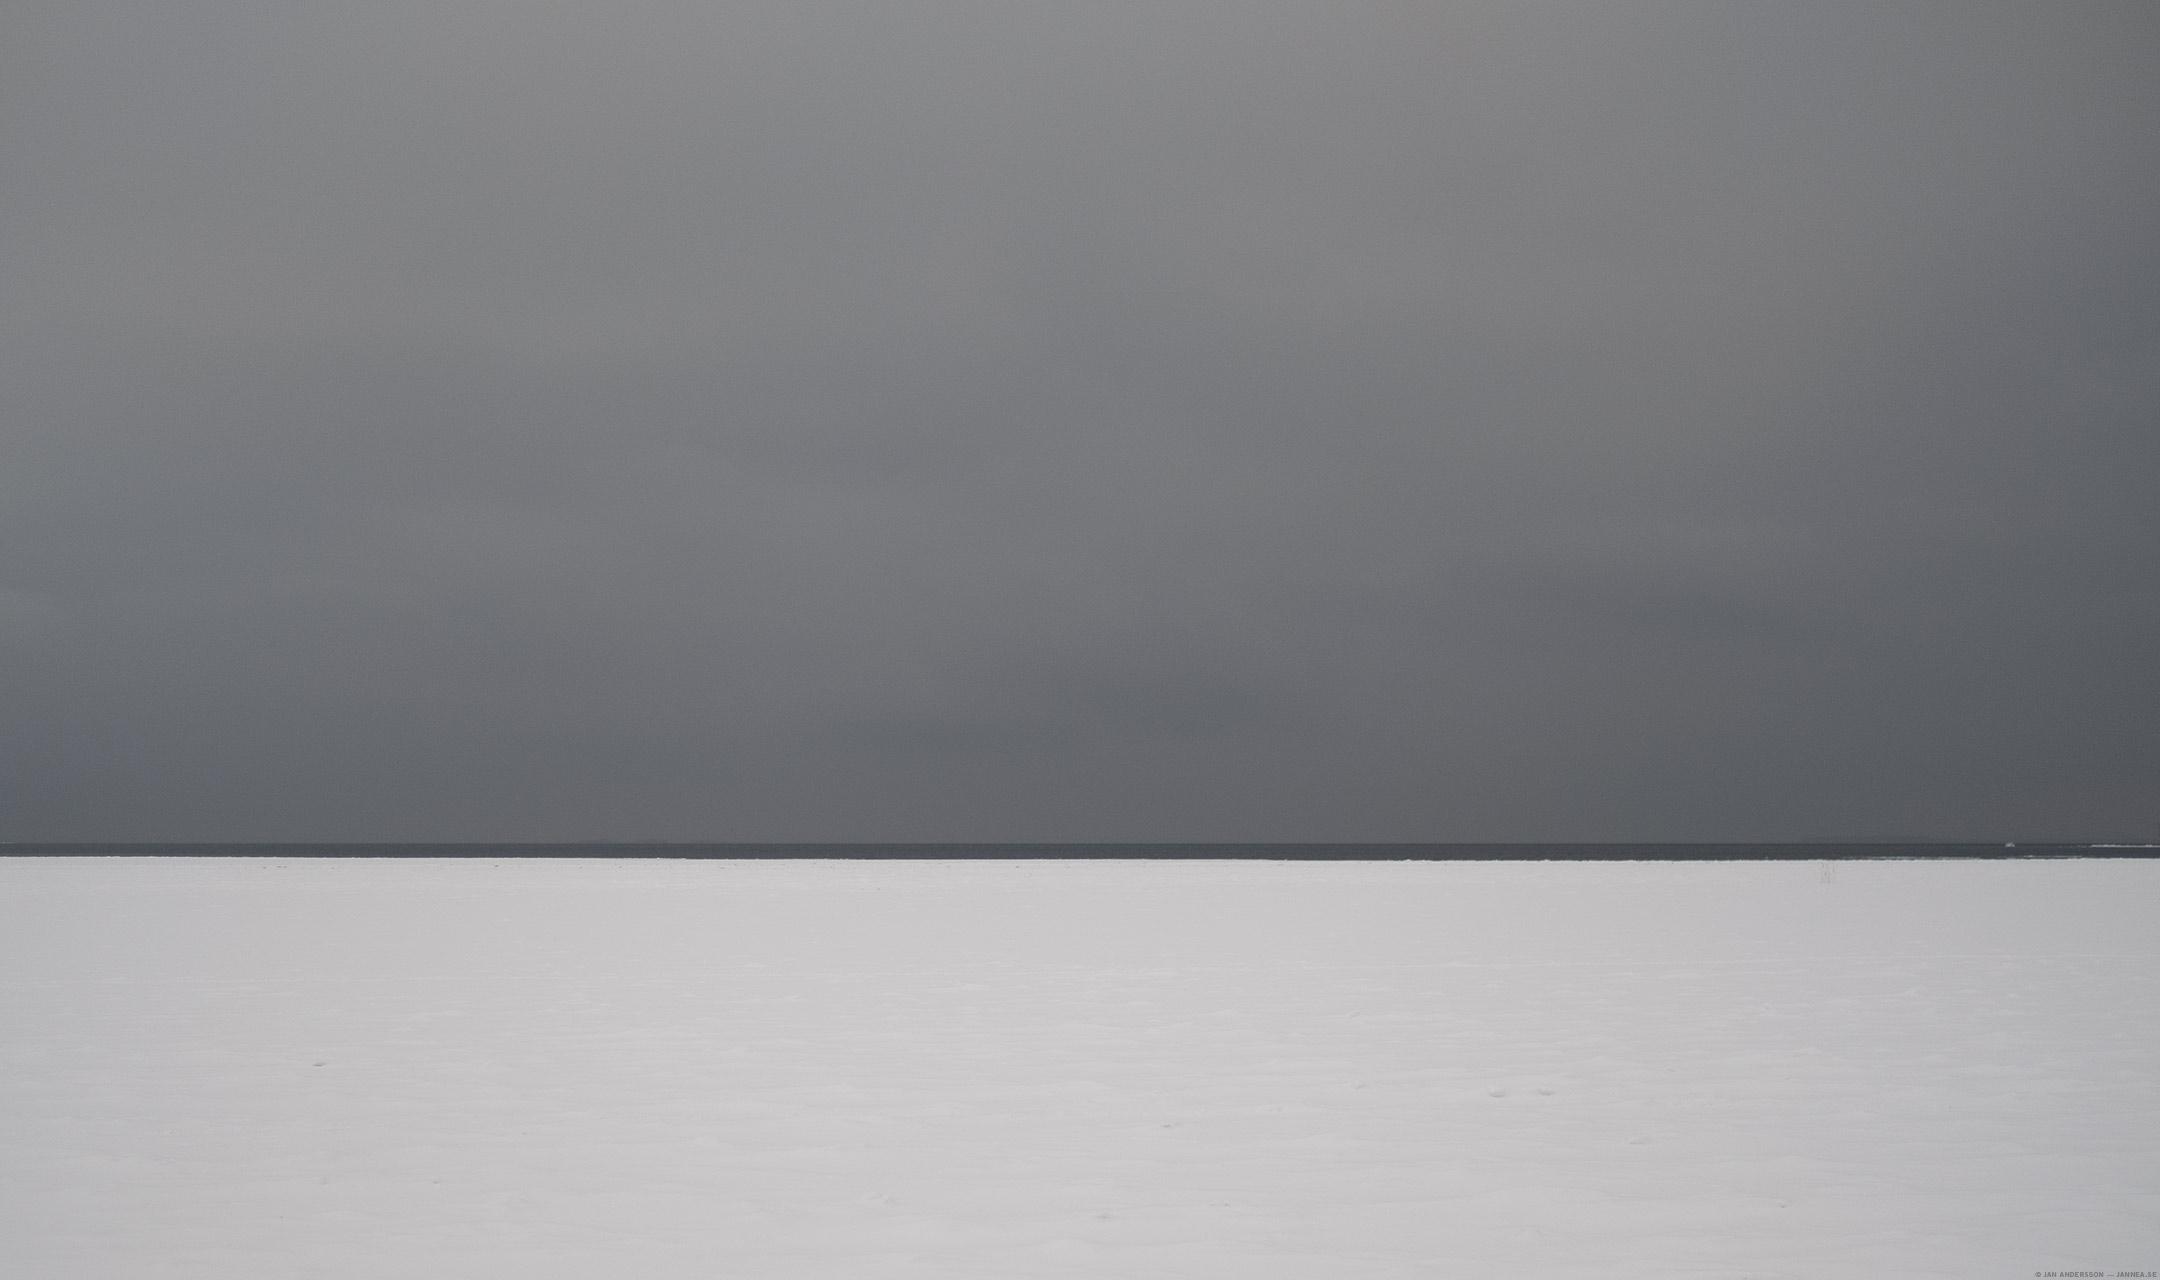 Utsikten från Vadstena – över en isig och snöig sjö |© Jan Andersson